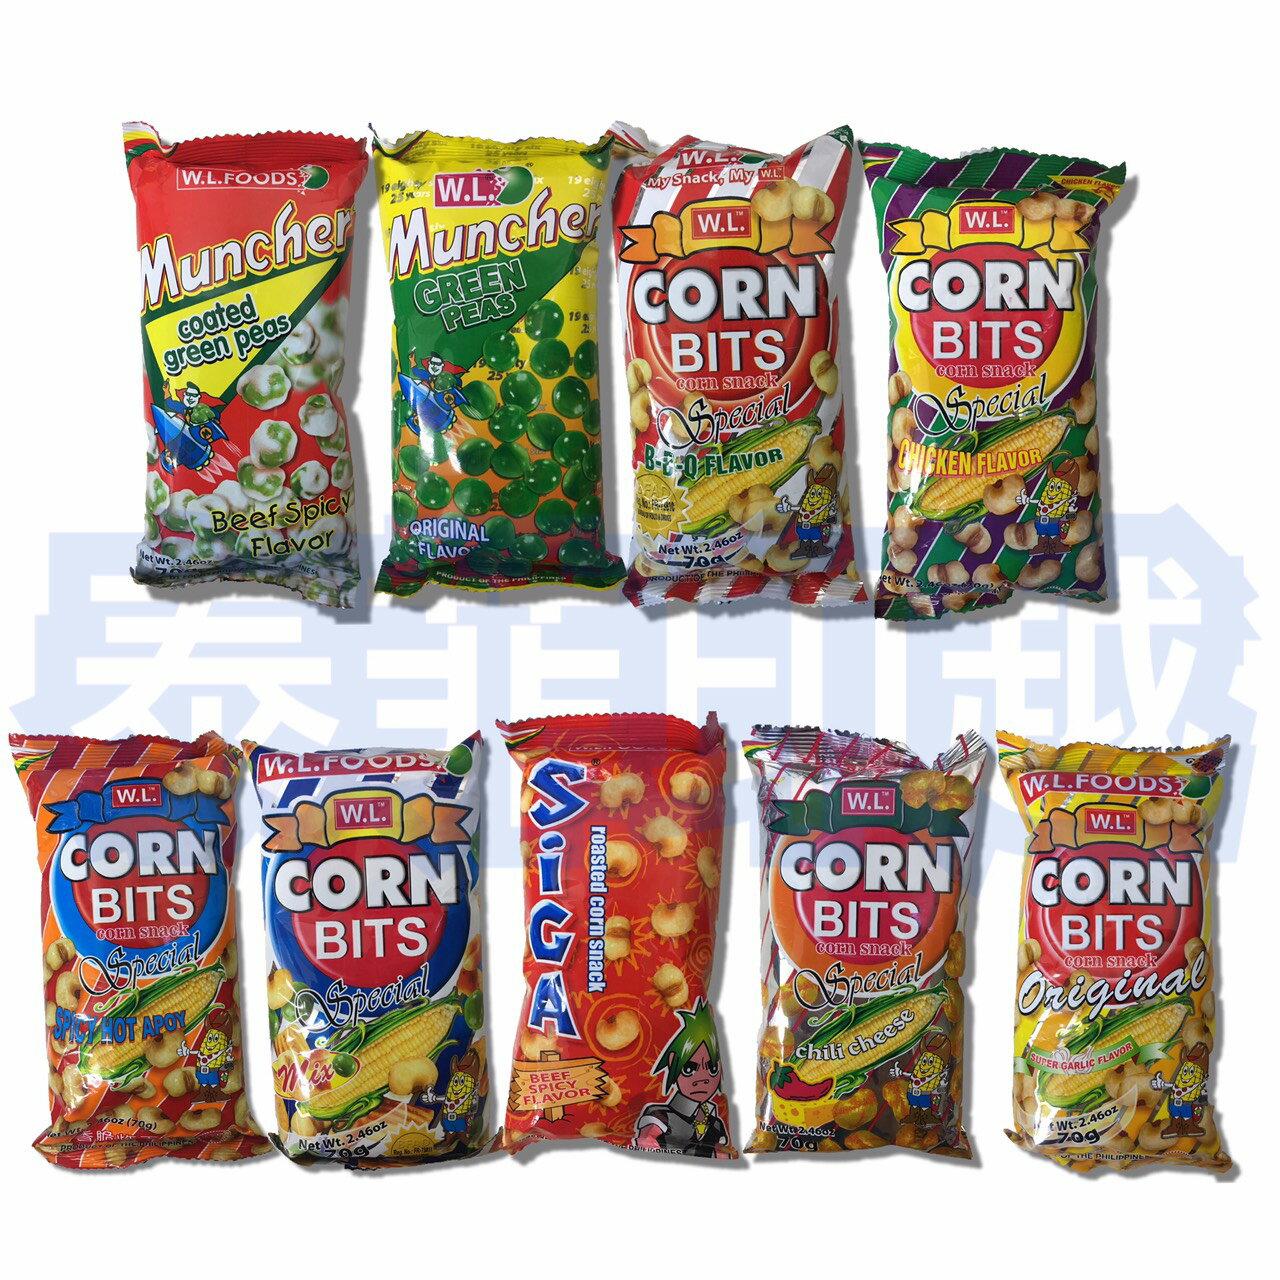 菲律賓 W.L 炸玉米 CORN BITS 玉米粒 青豆 70克